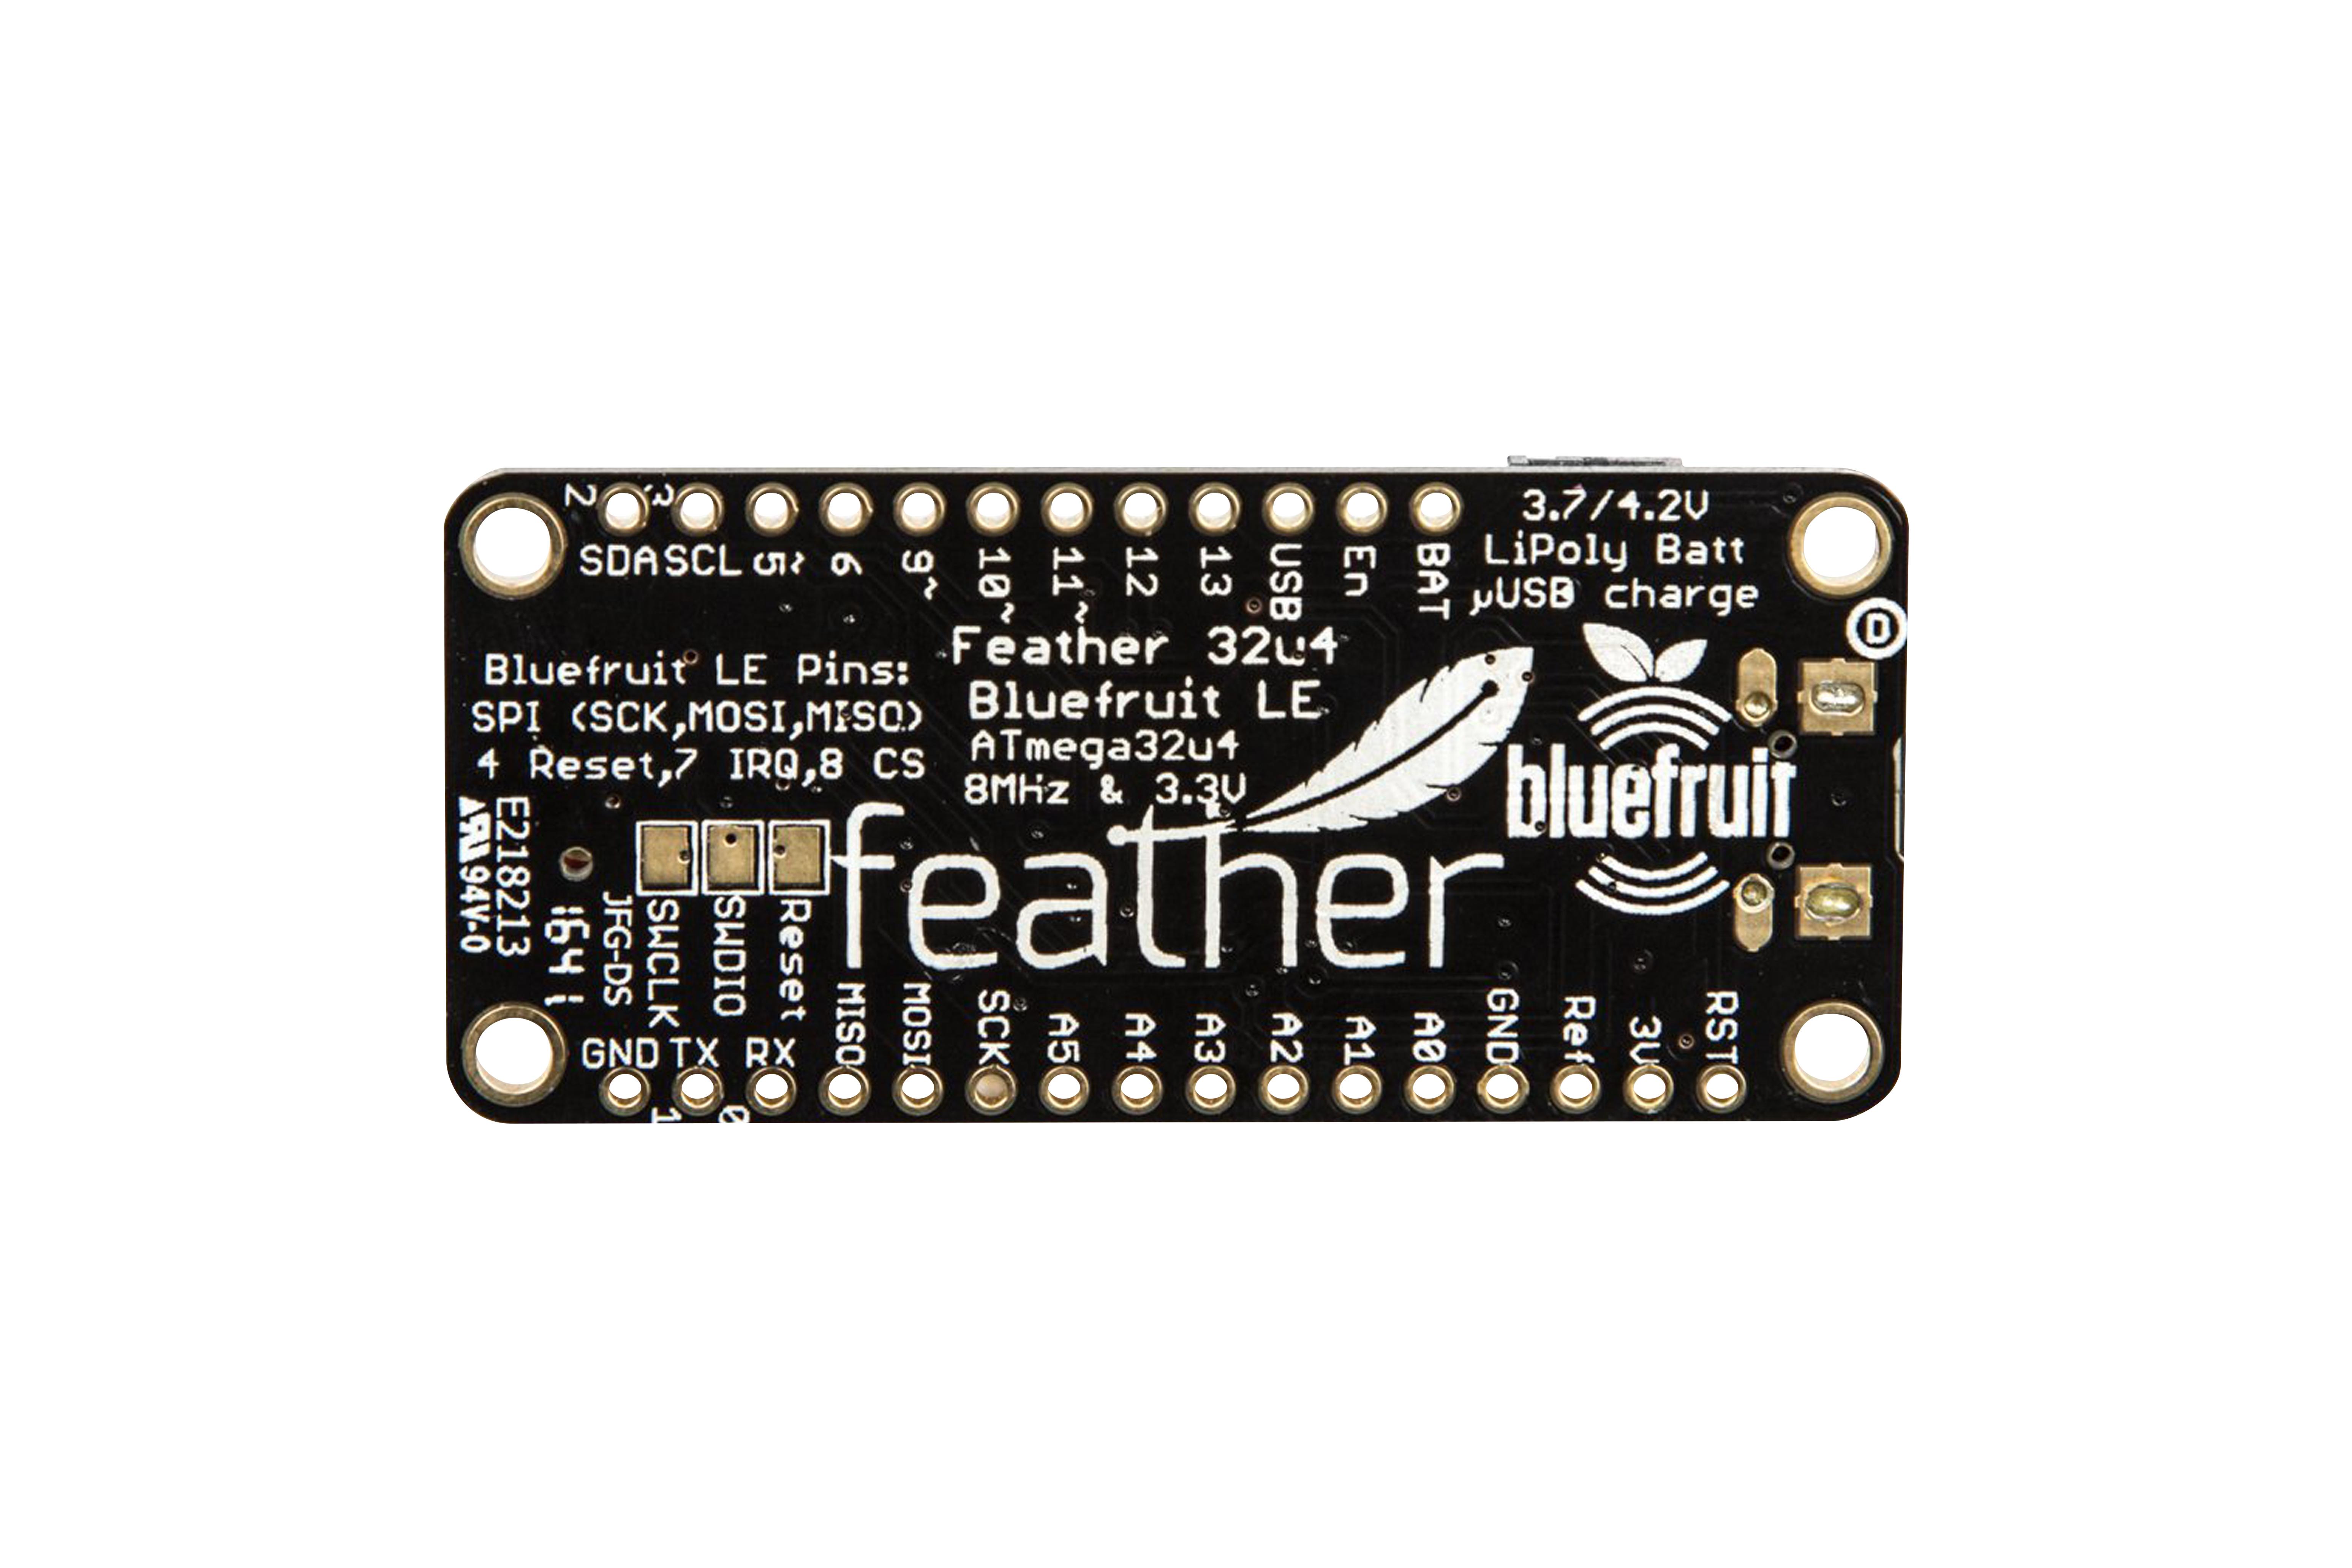 Adafruit Feather 32u4 Bluefruit LE - 2829